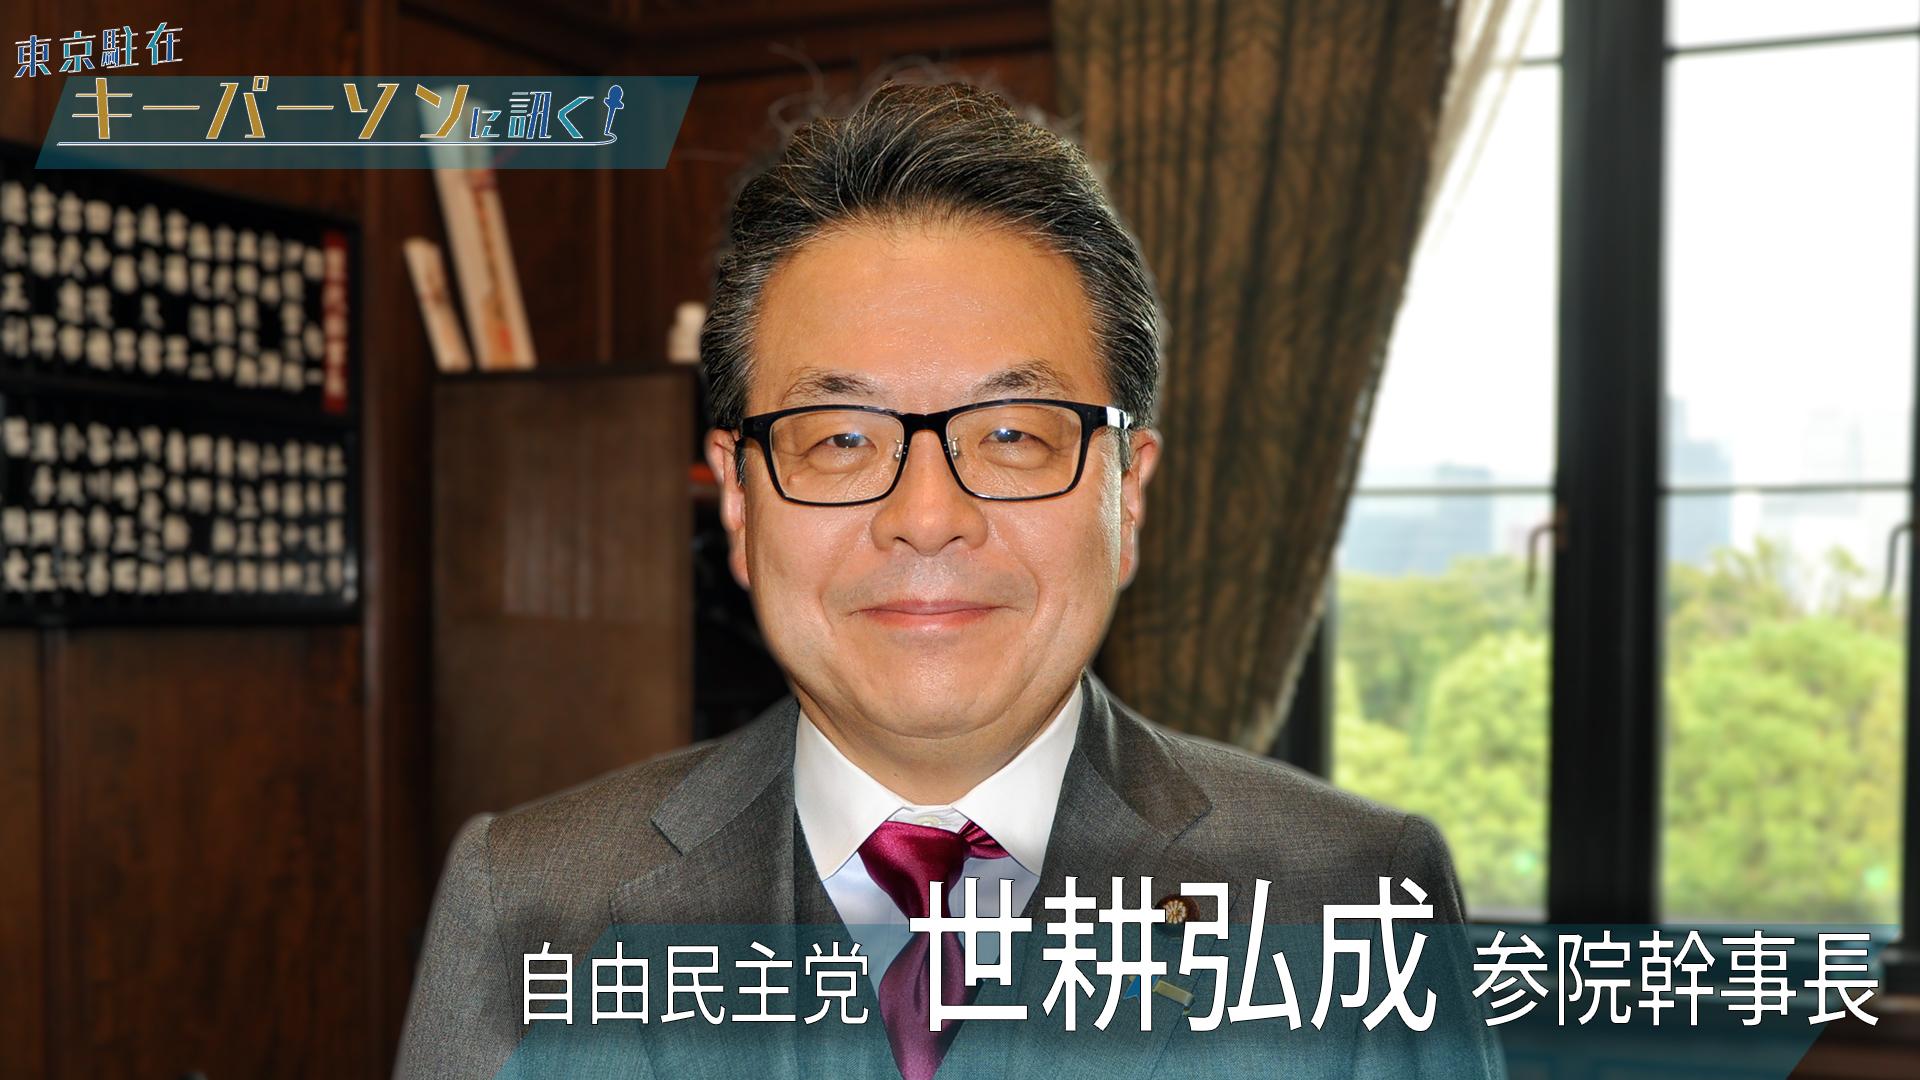 自由民主党 世耕弘成 参院幹事長~「新型コロナ対策」から「大阪都構想」に関する考えまで…ロングインタビュー